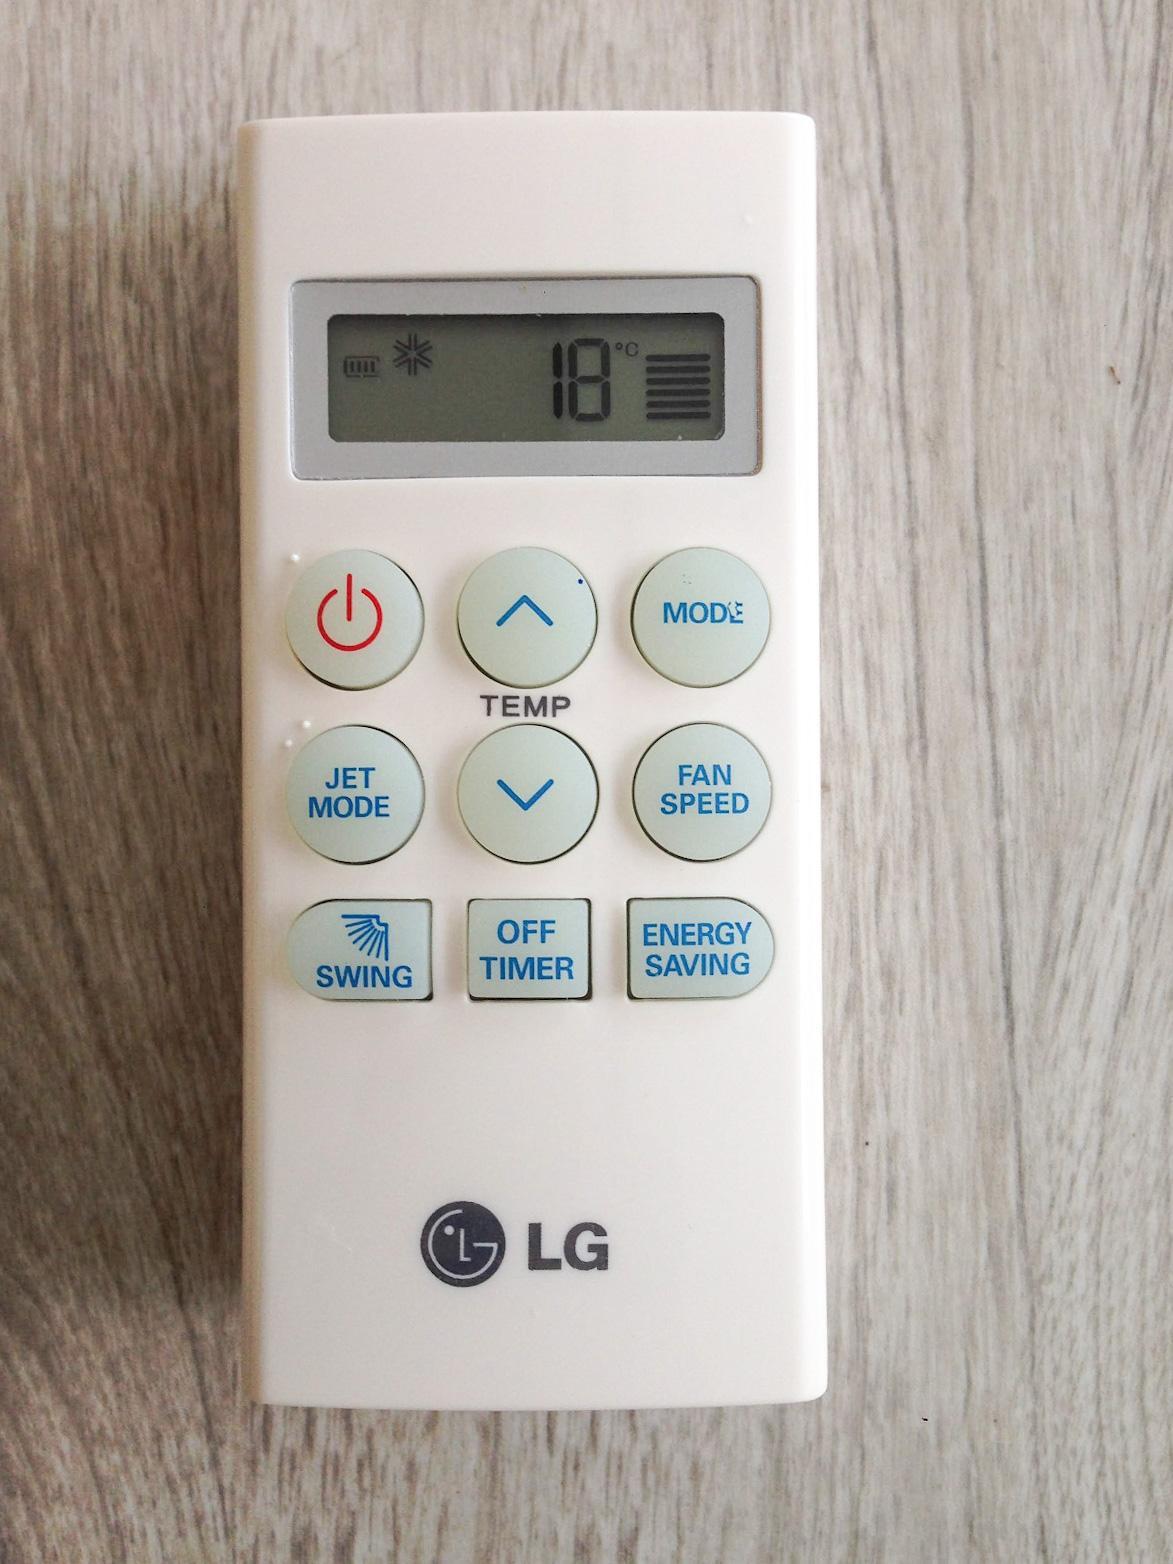 Remote Điều Khiển Máy Lạnh, Máy Điều Hòa LG S09EN2, LG S09EN2N, LG S09ENM, LG AKB73756203